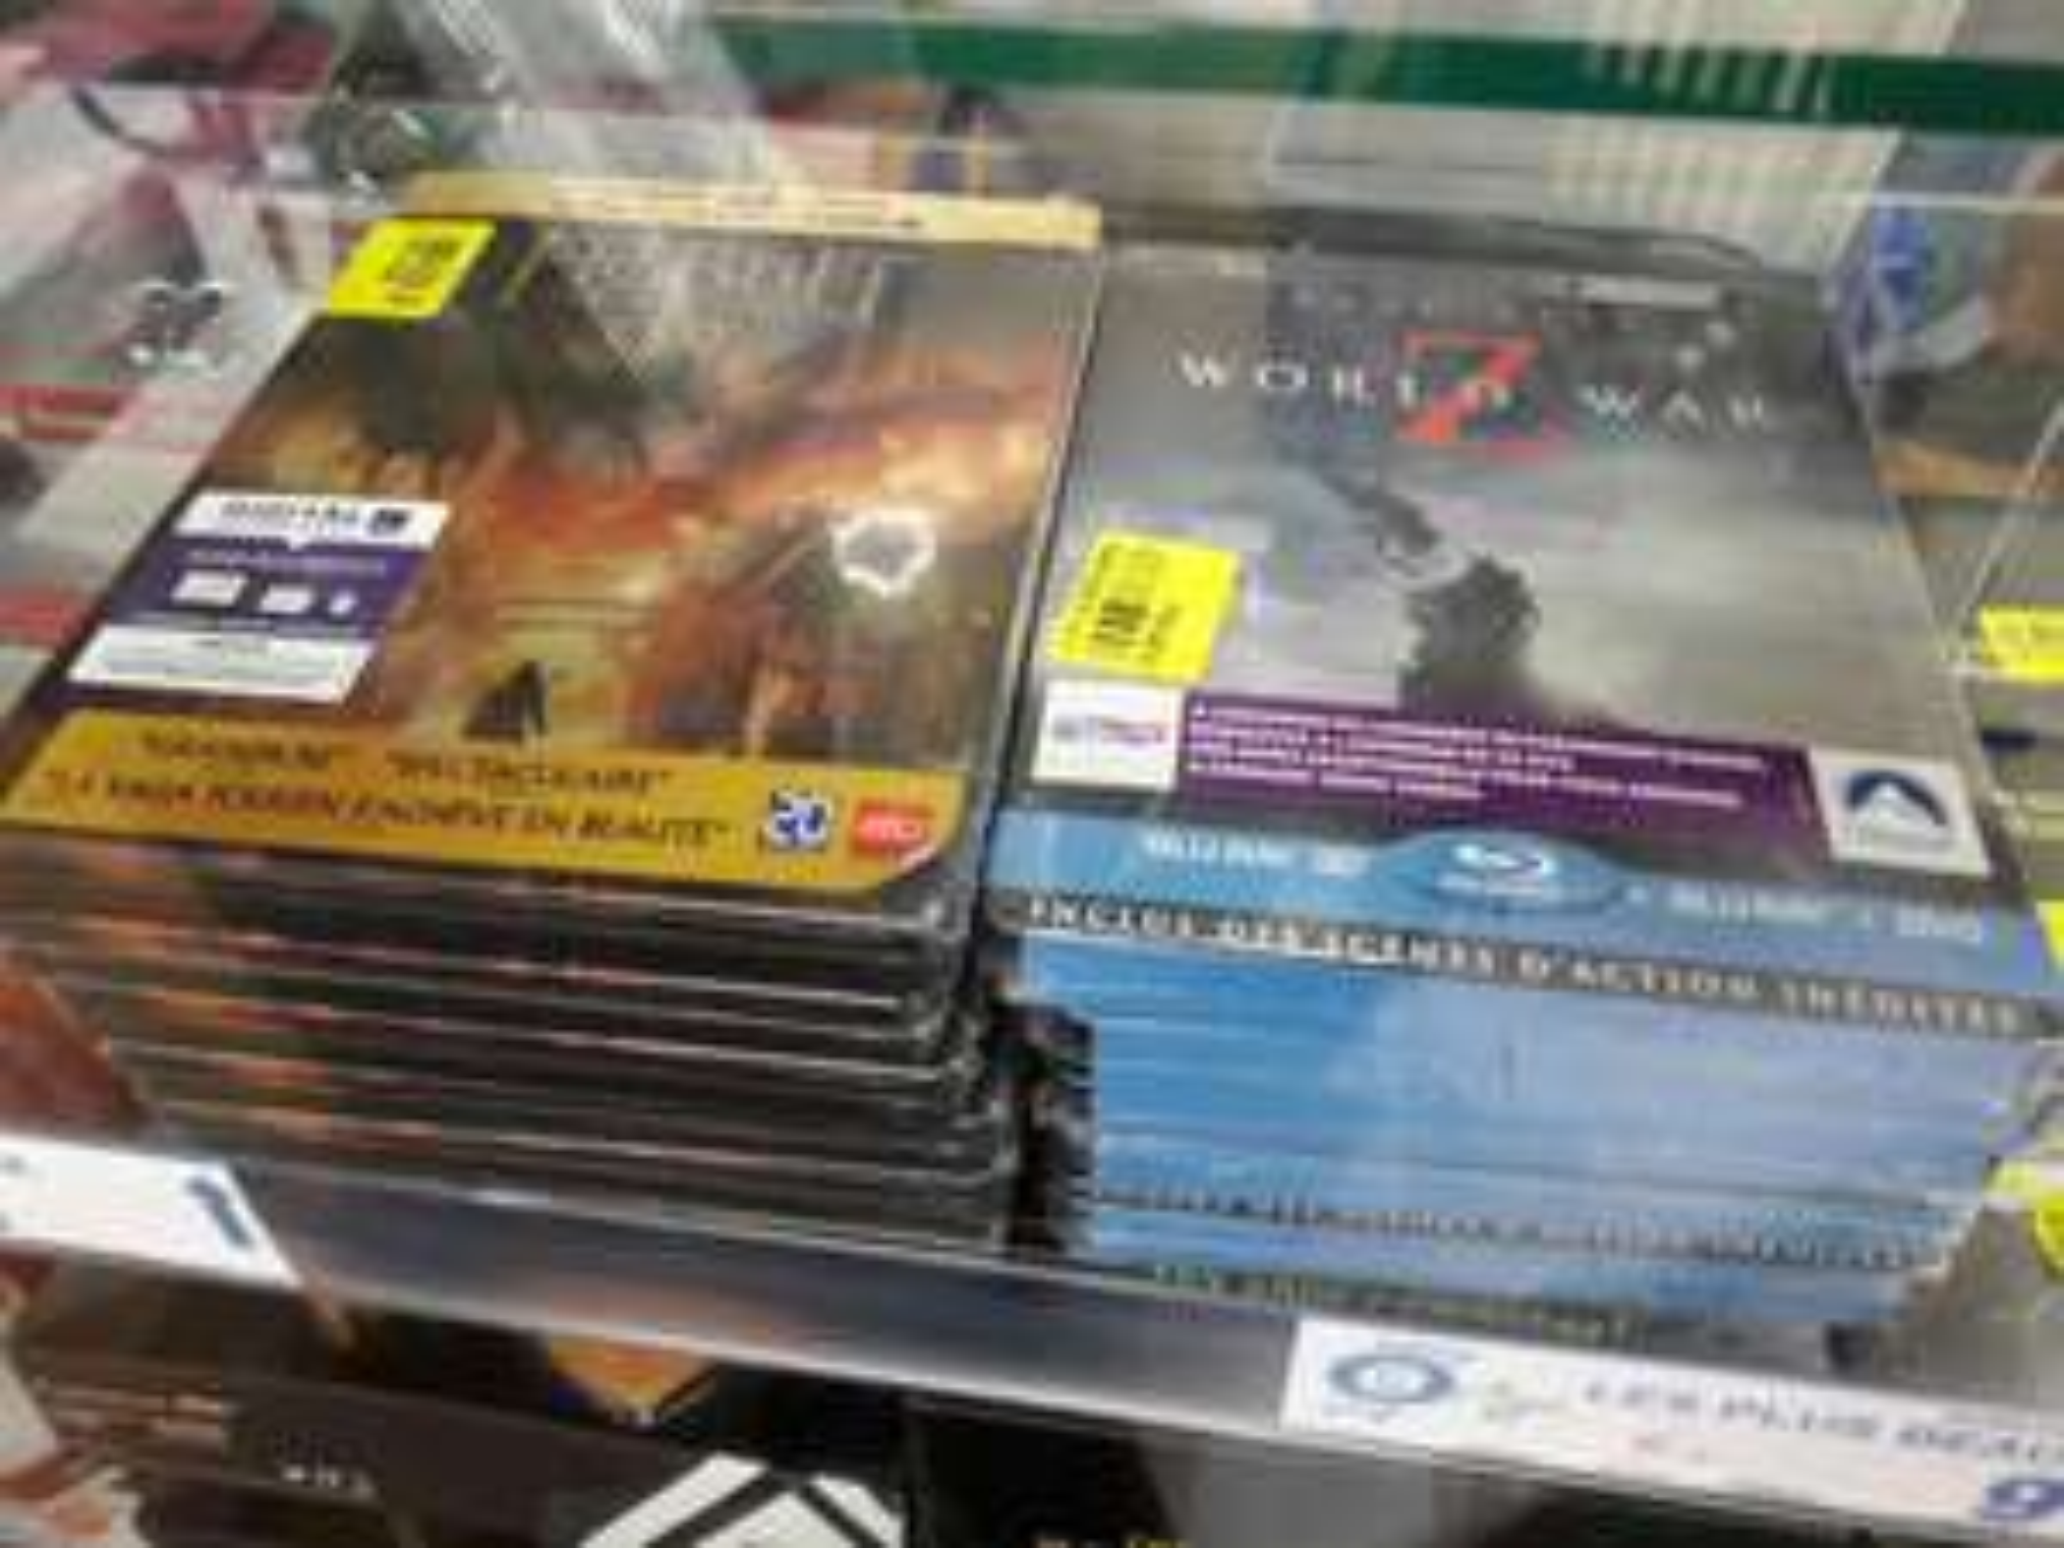 Blu-Ray Edition Steelbook 3D - World War Z ou Le Hobbit, La bataille des cinq armées